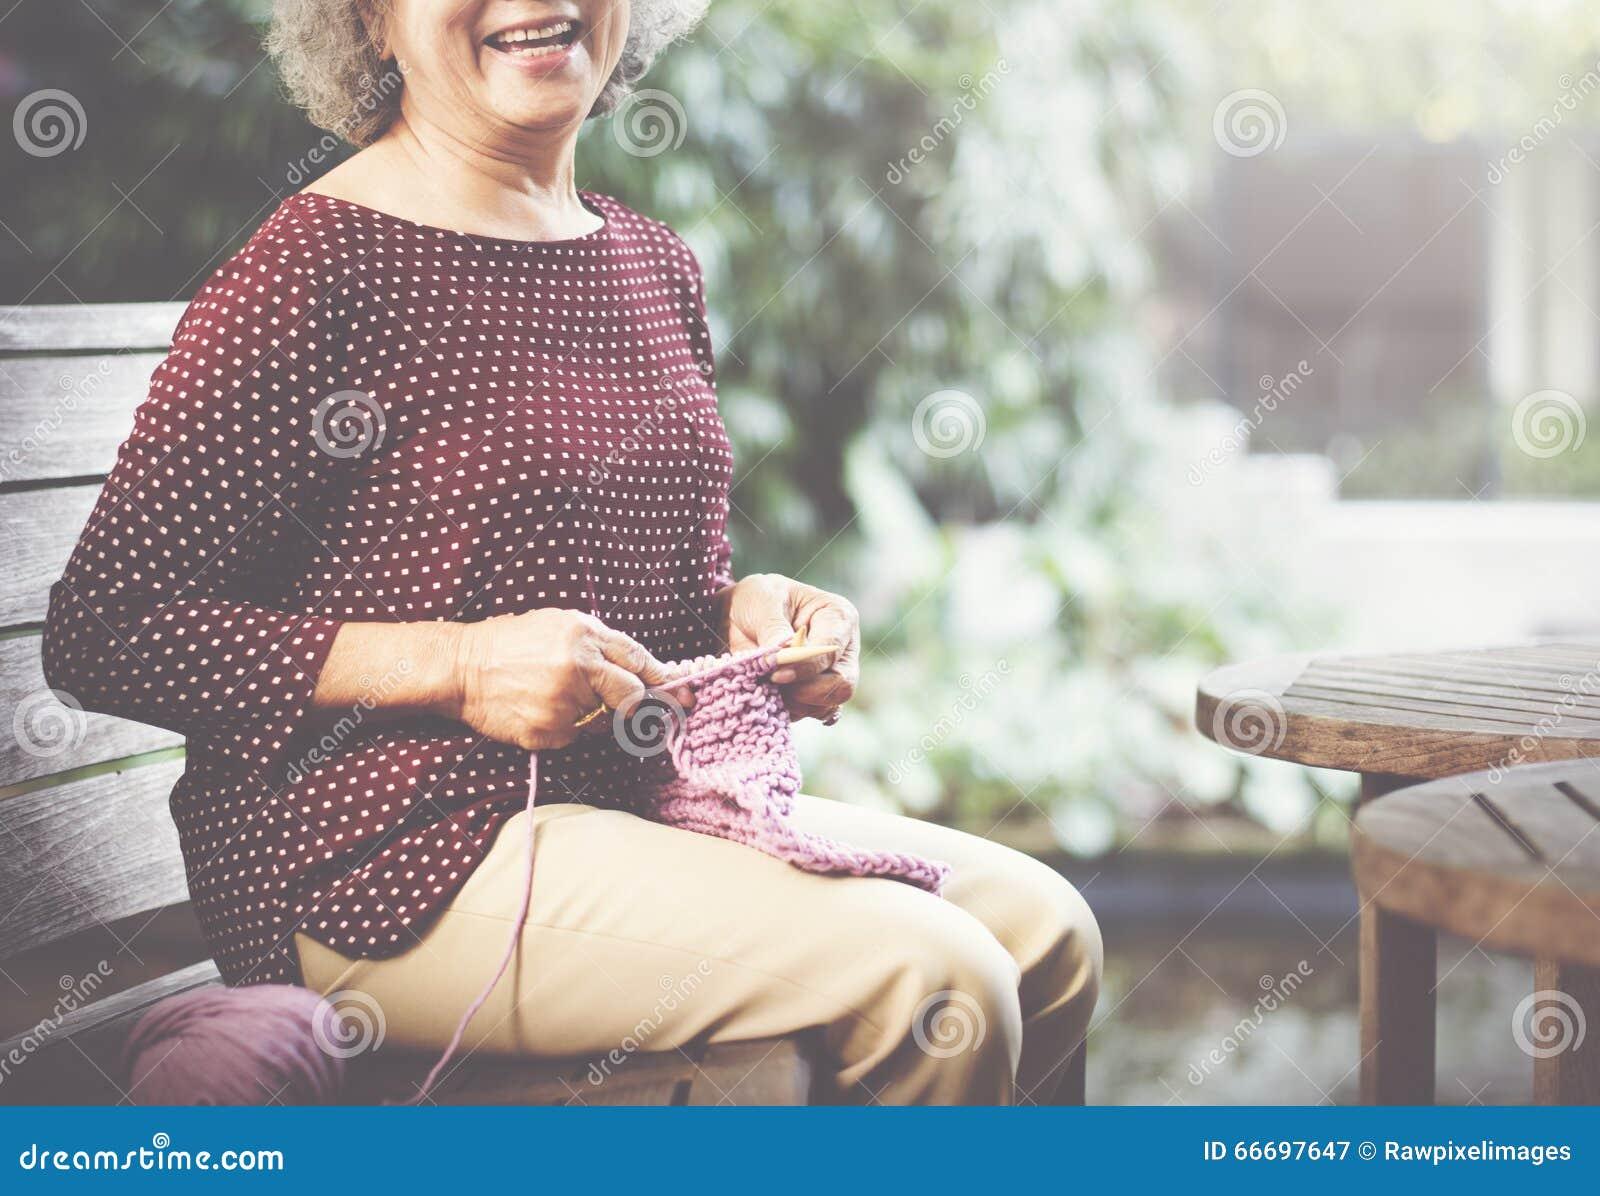 Strickendes Knit-Nadel-Garn-Näharbeit-Handwerks-Schal-Konzept